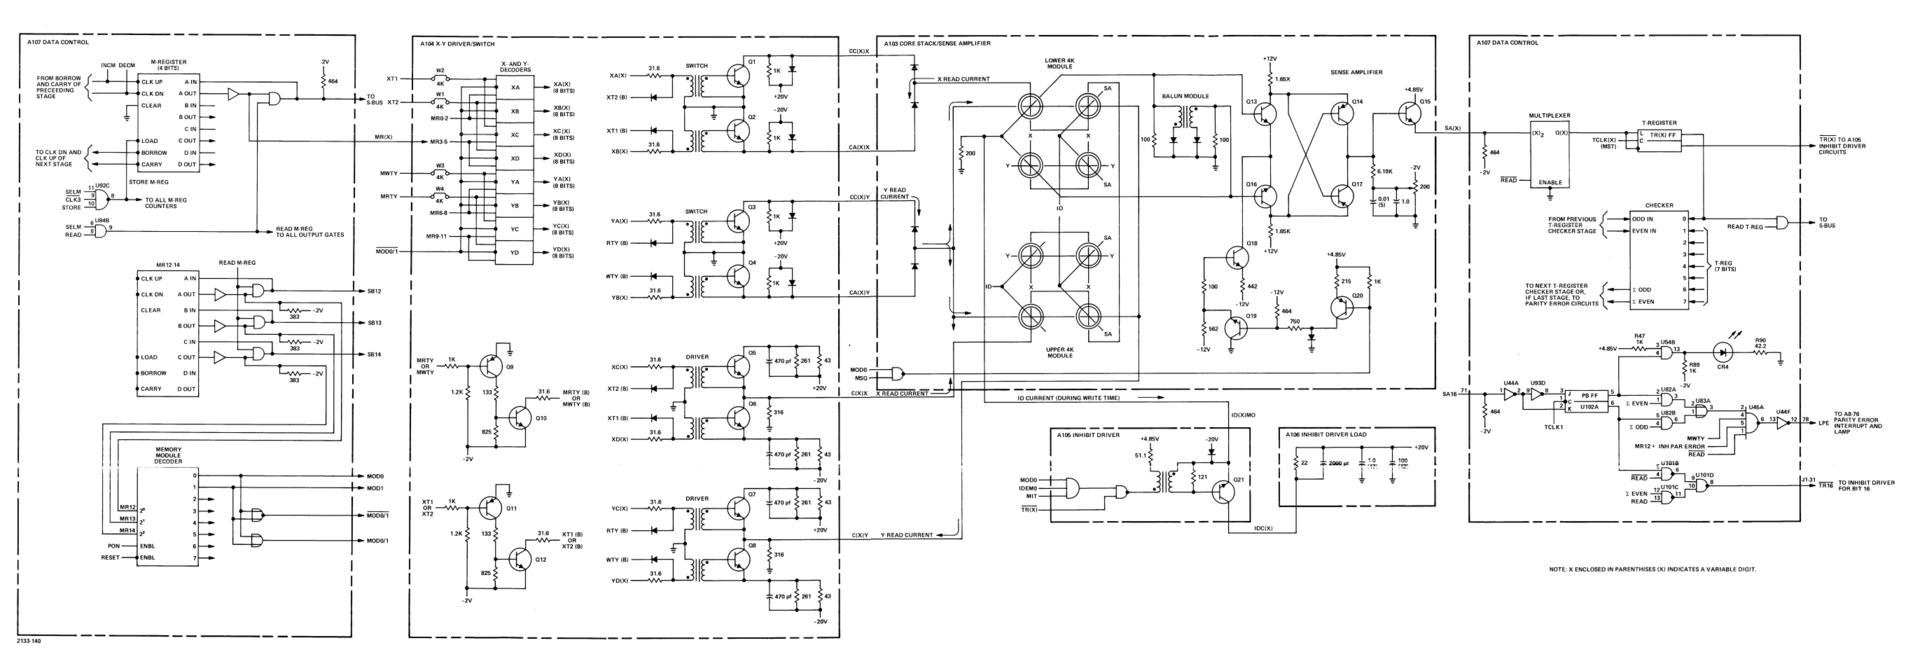 вычислительные устройства автоматики схема сложения